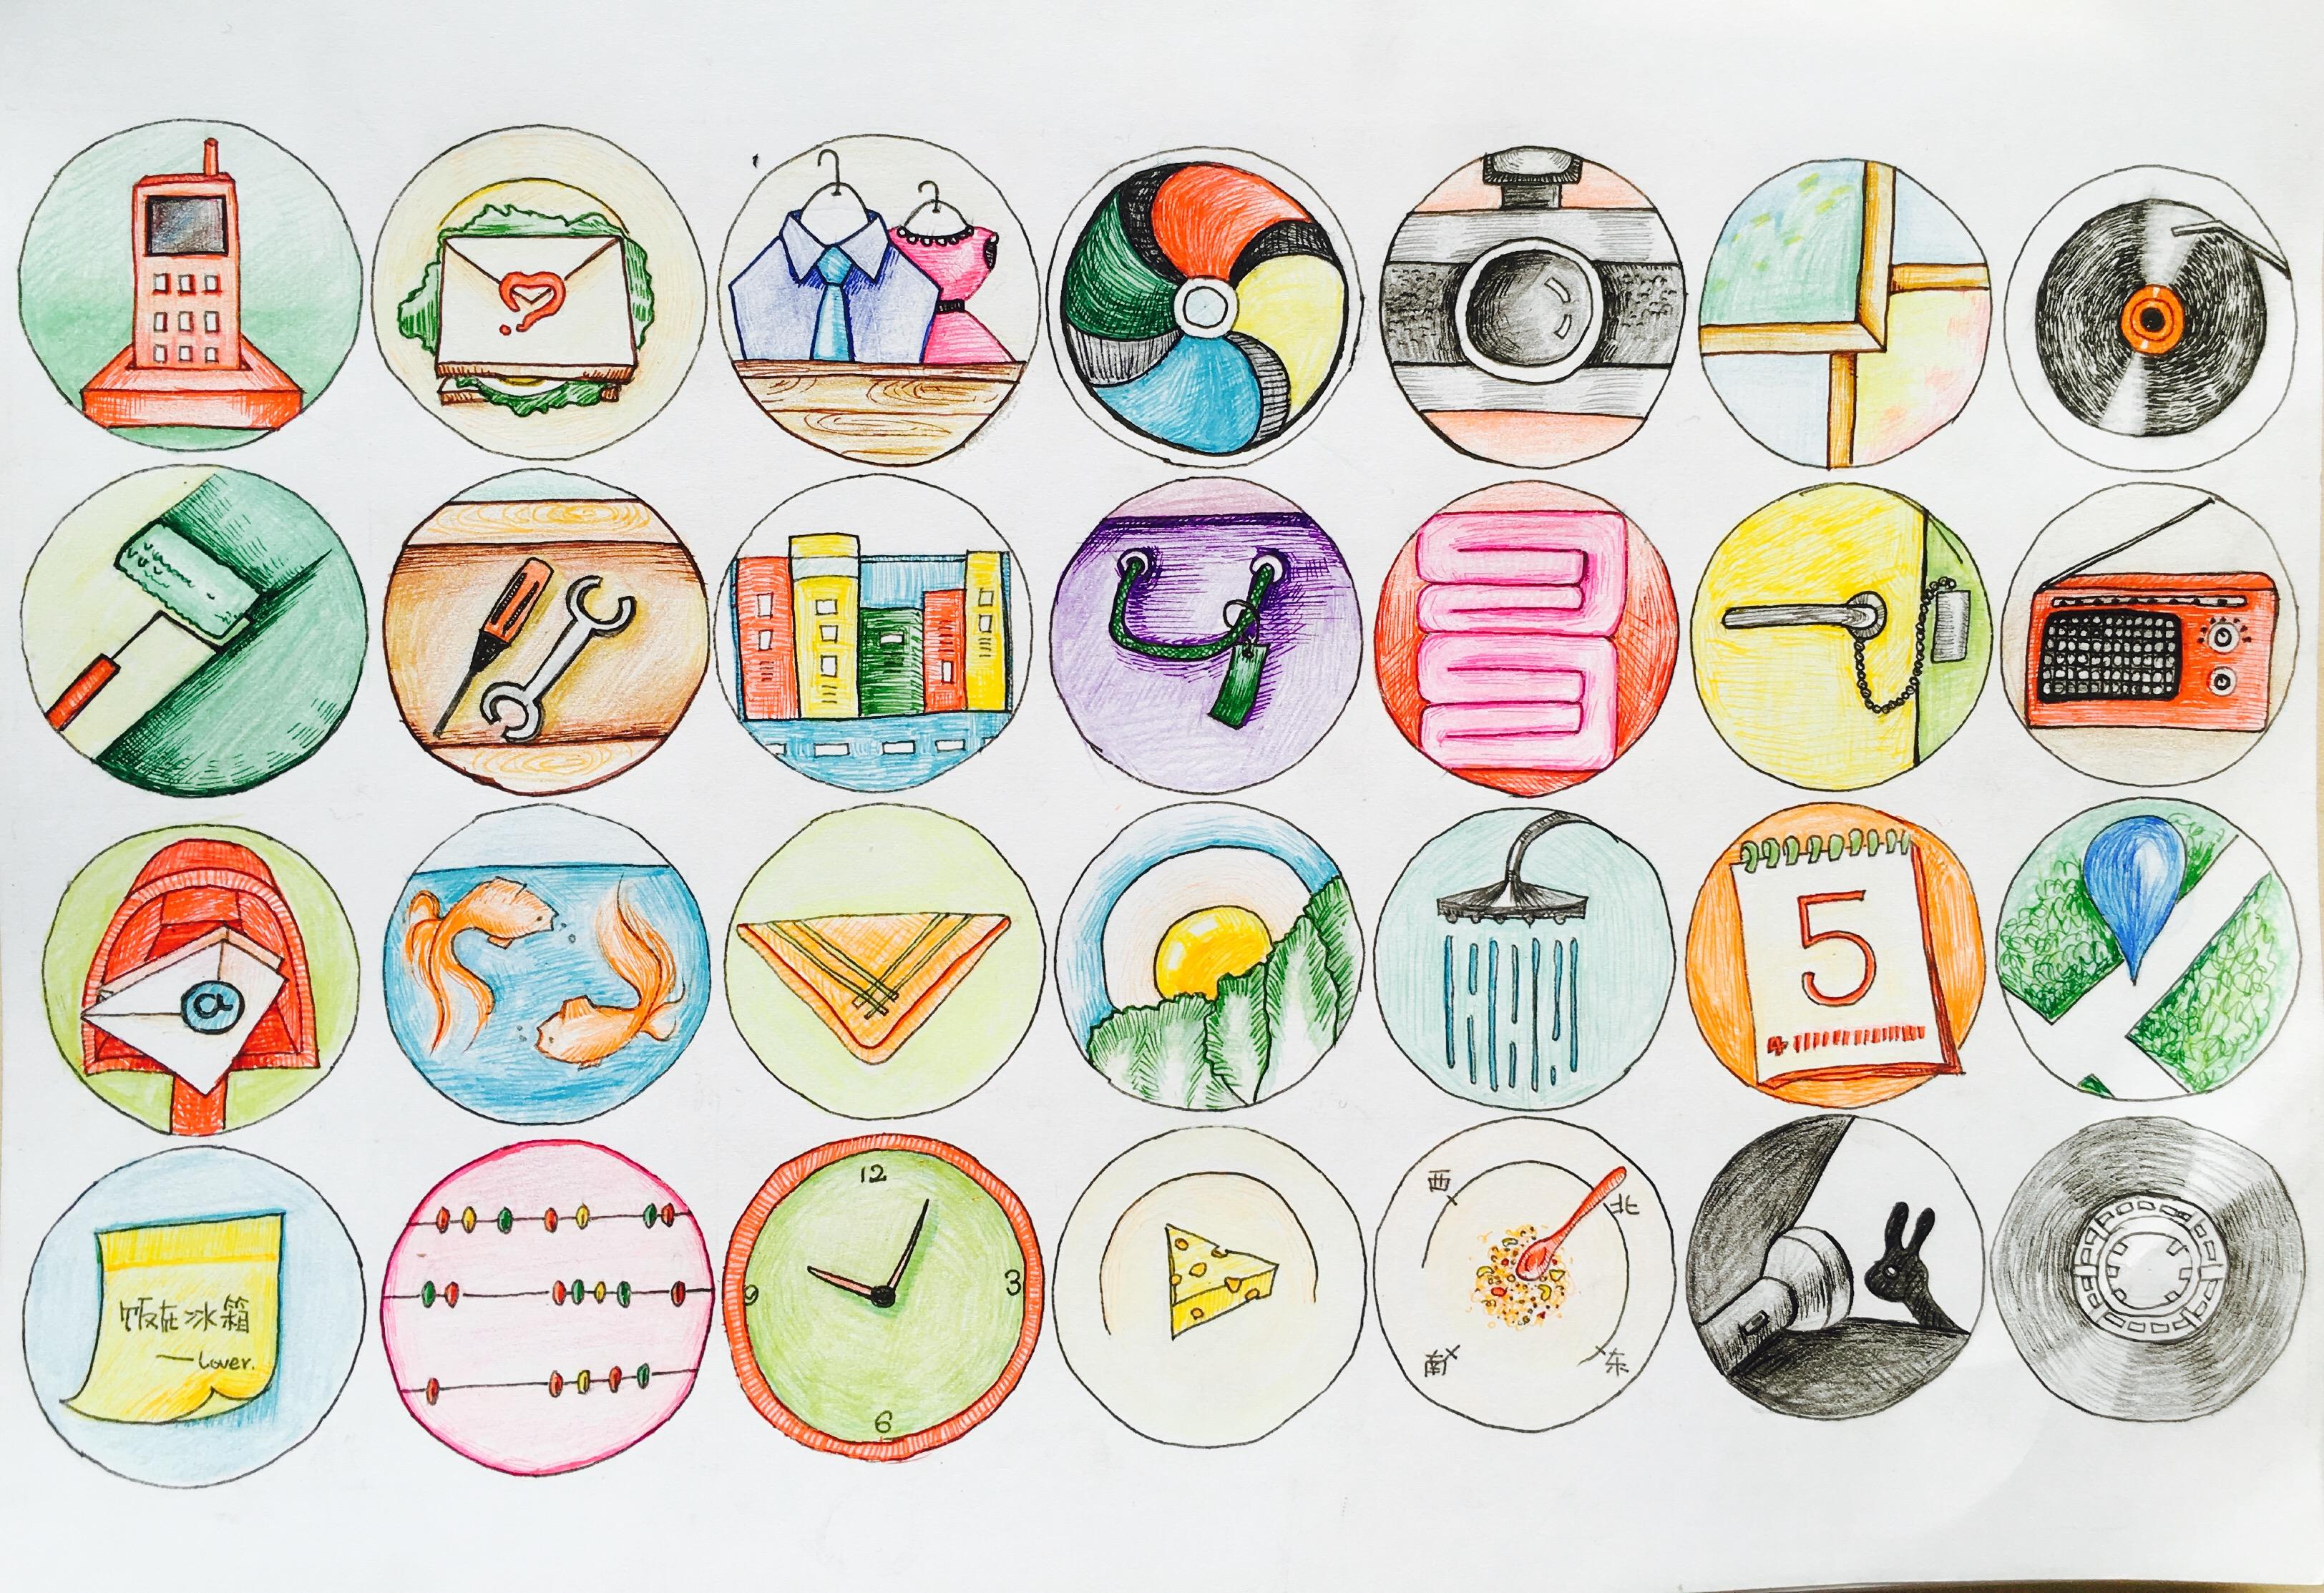 原创手绘图标-,京东手机页面临摹